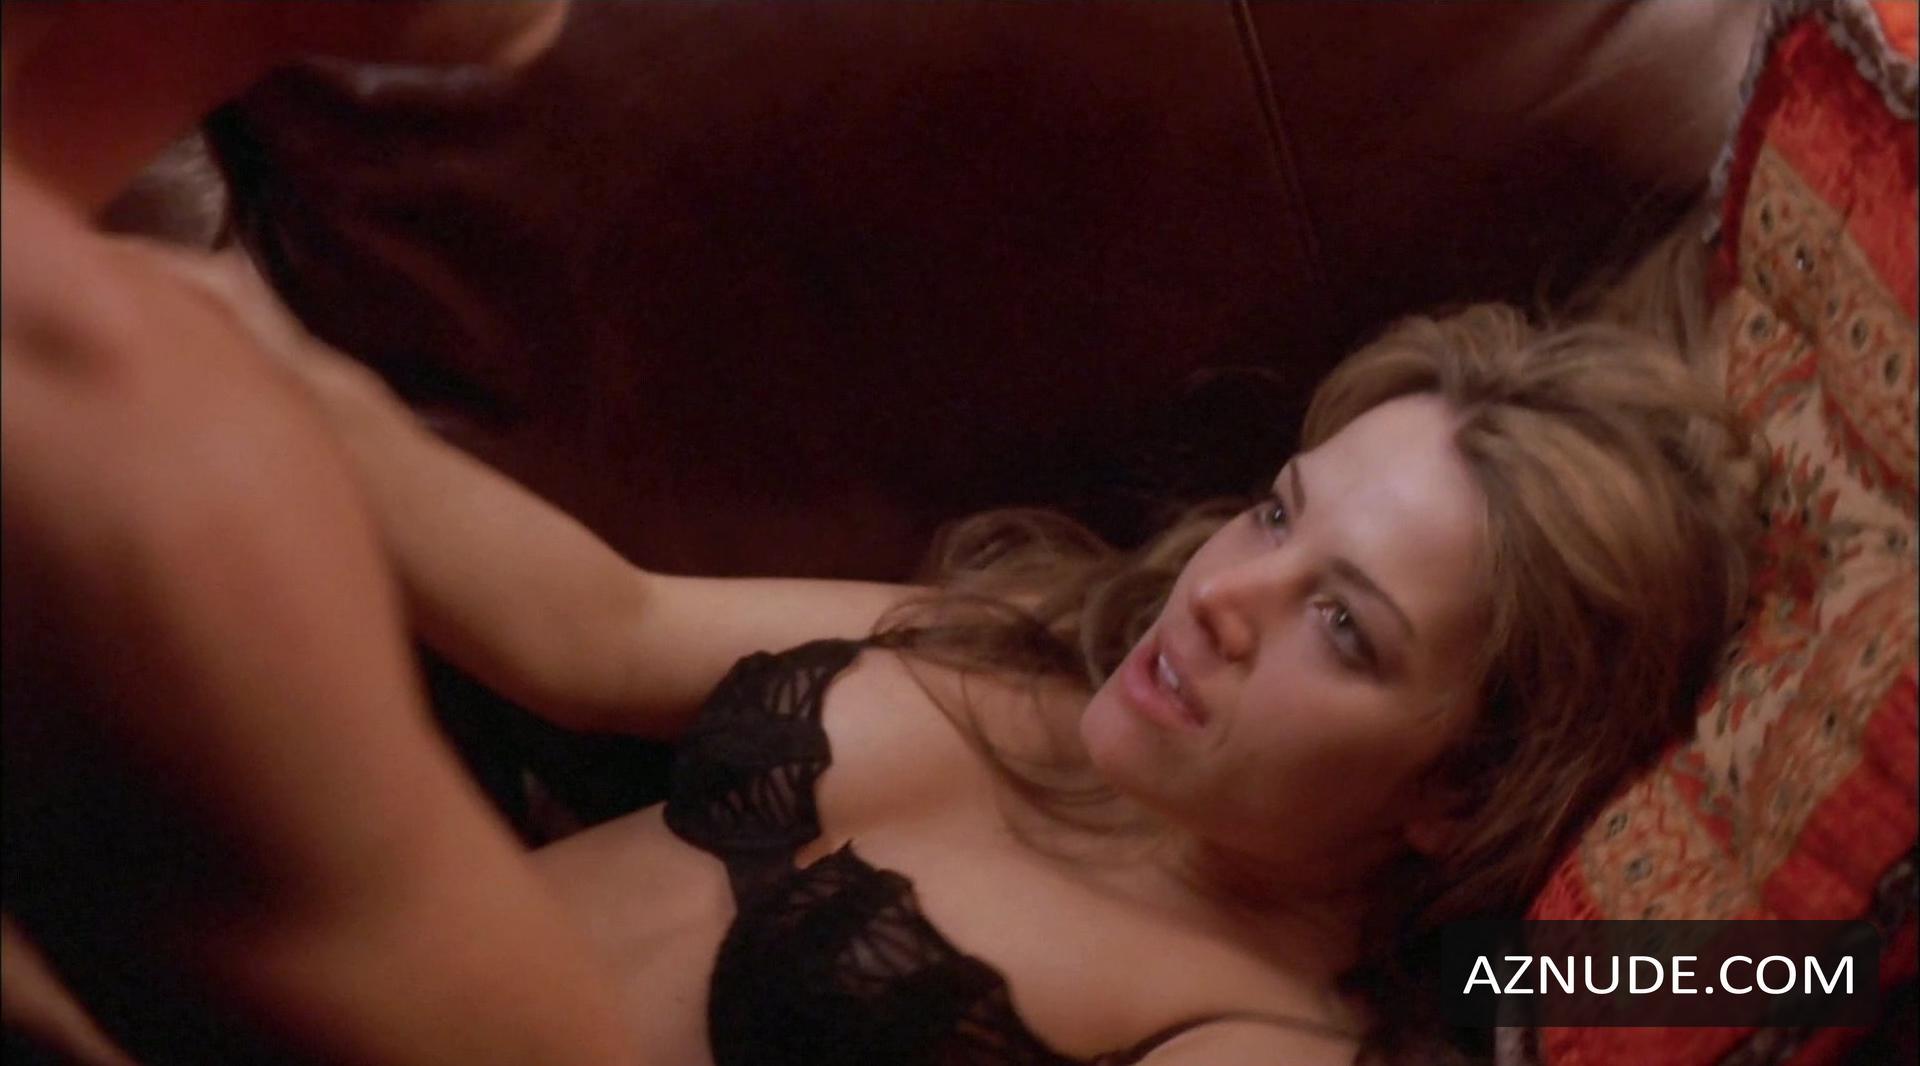 Sex image rachita ram nude